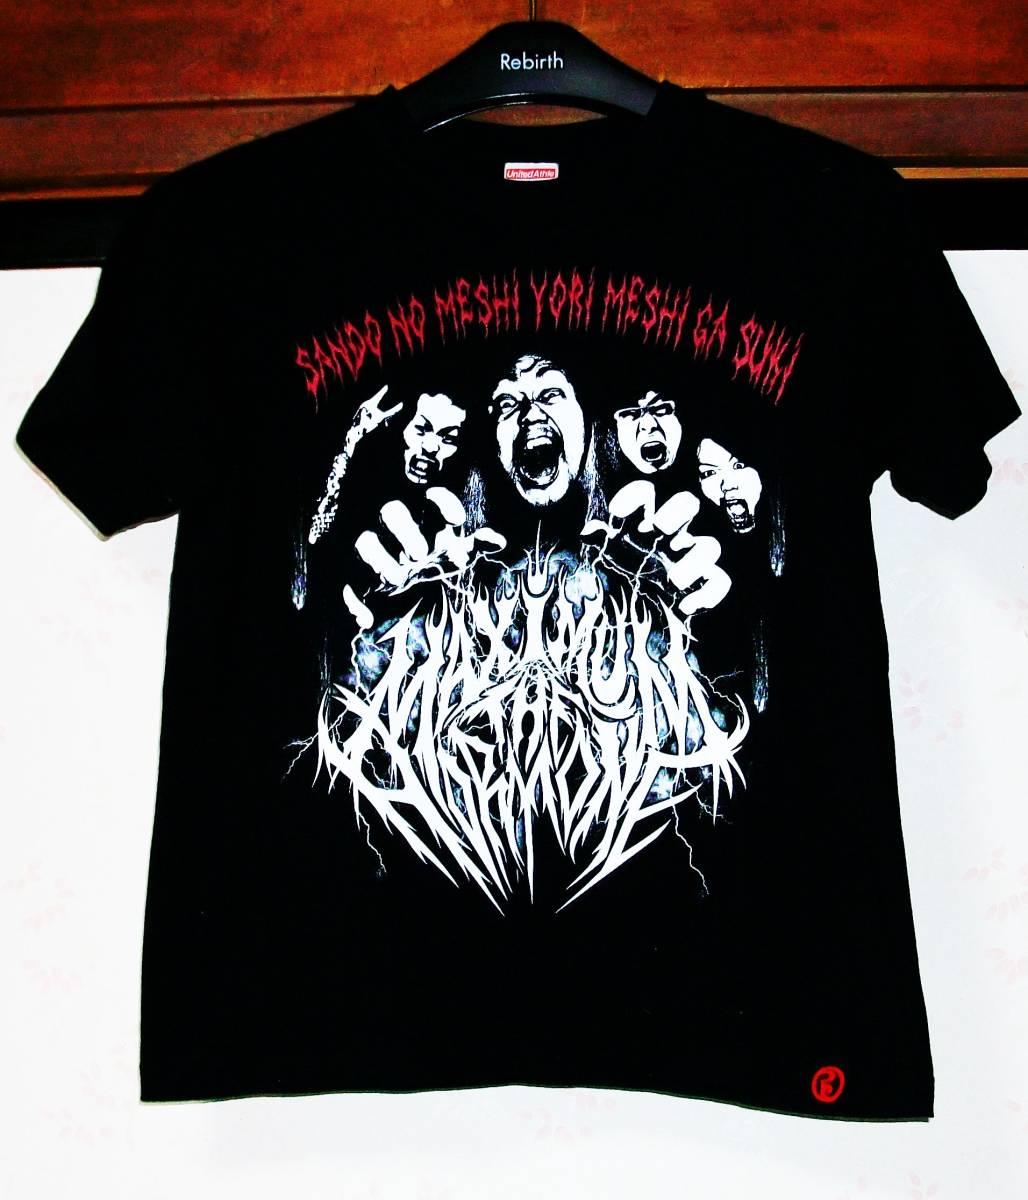 マキシマムザホルモン HARAPECORE Tシャツ 黒 Sサイズ 中古 ライブグッズの画像